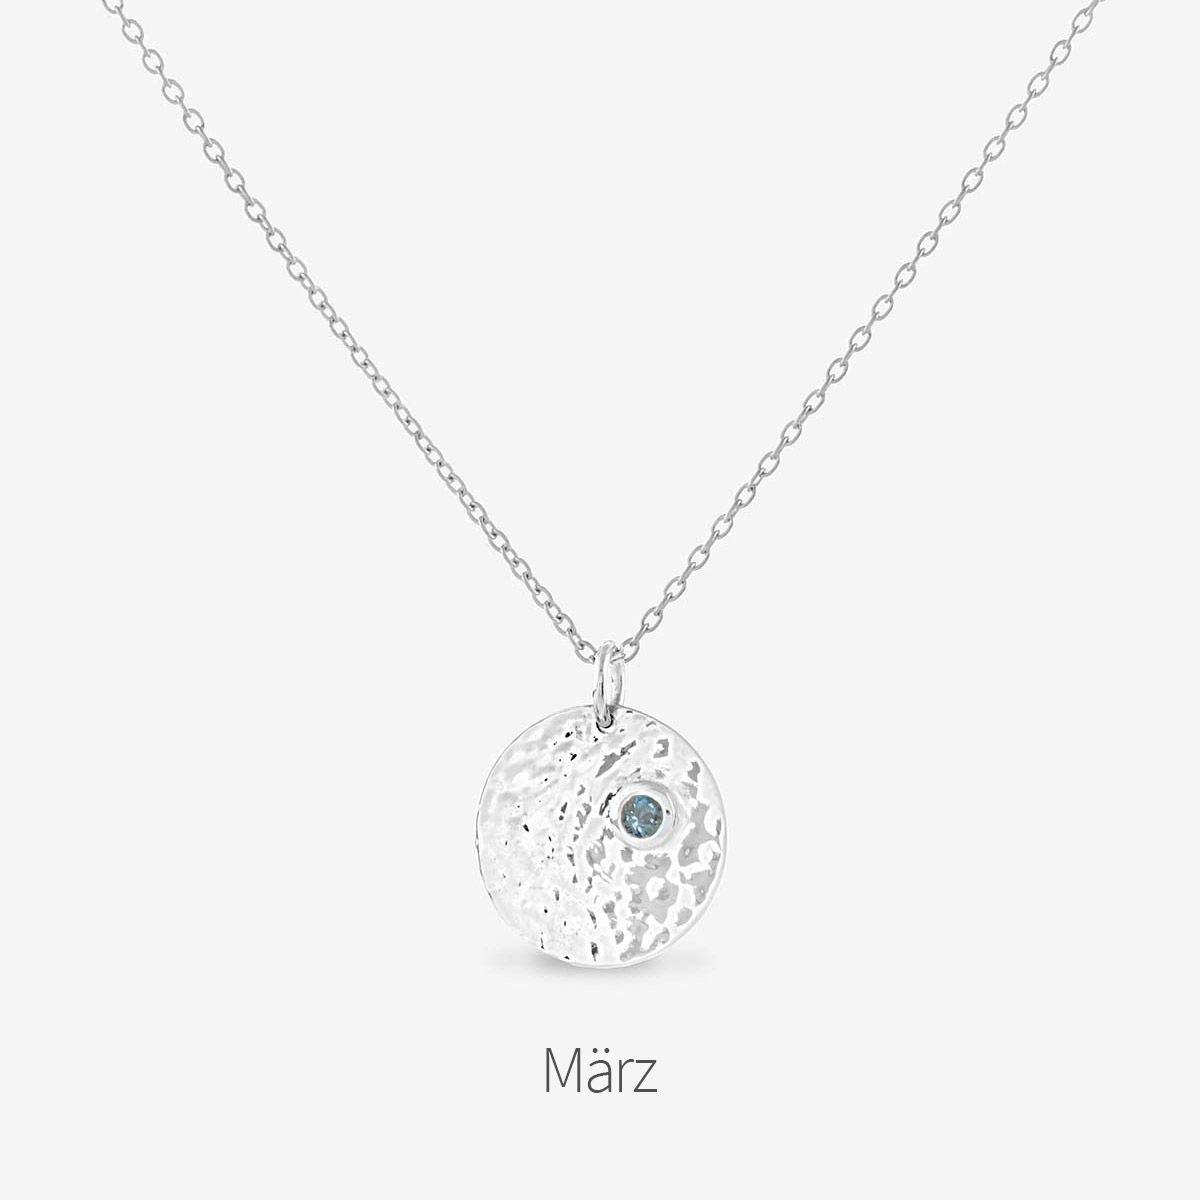 Birthstone March - Halsketten - Silber